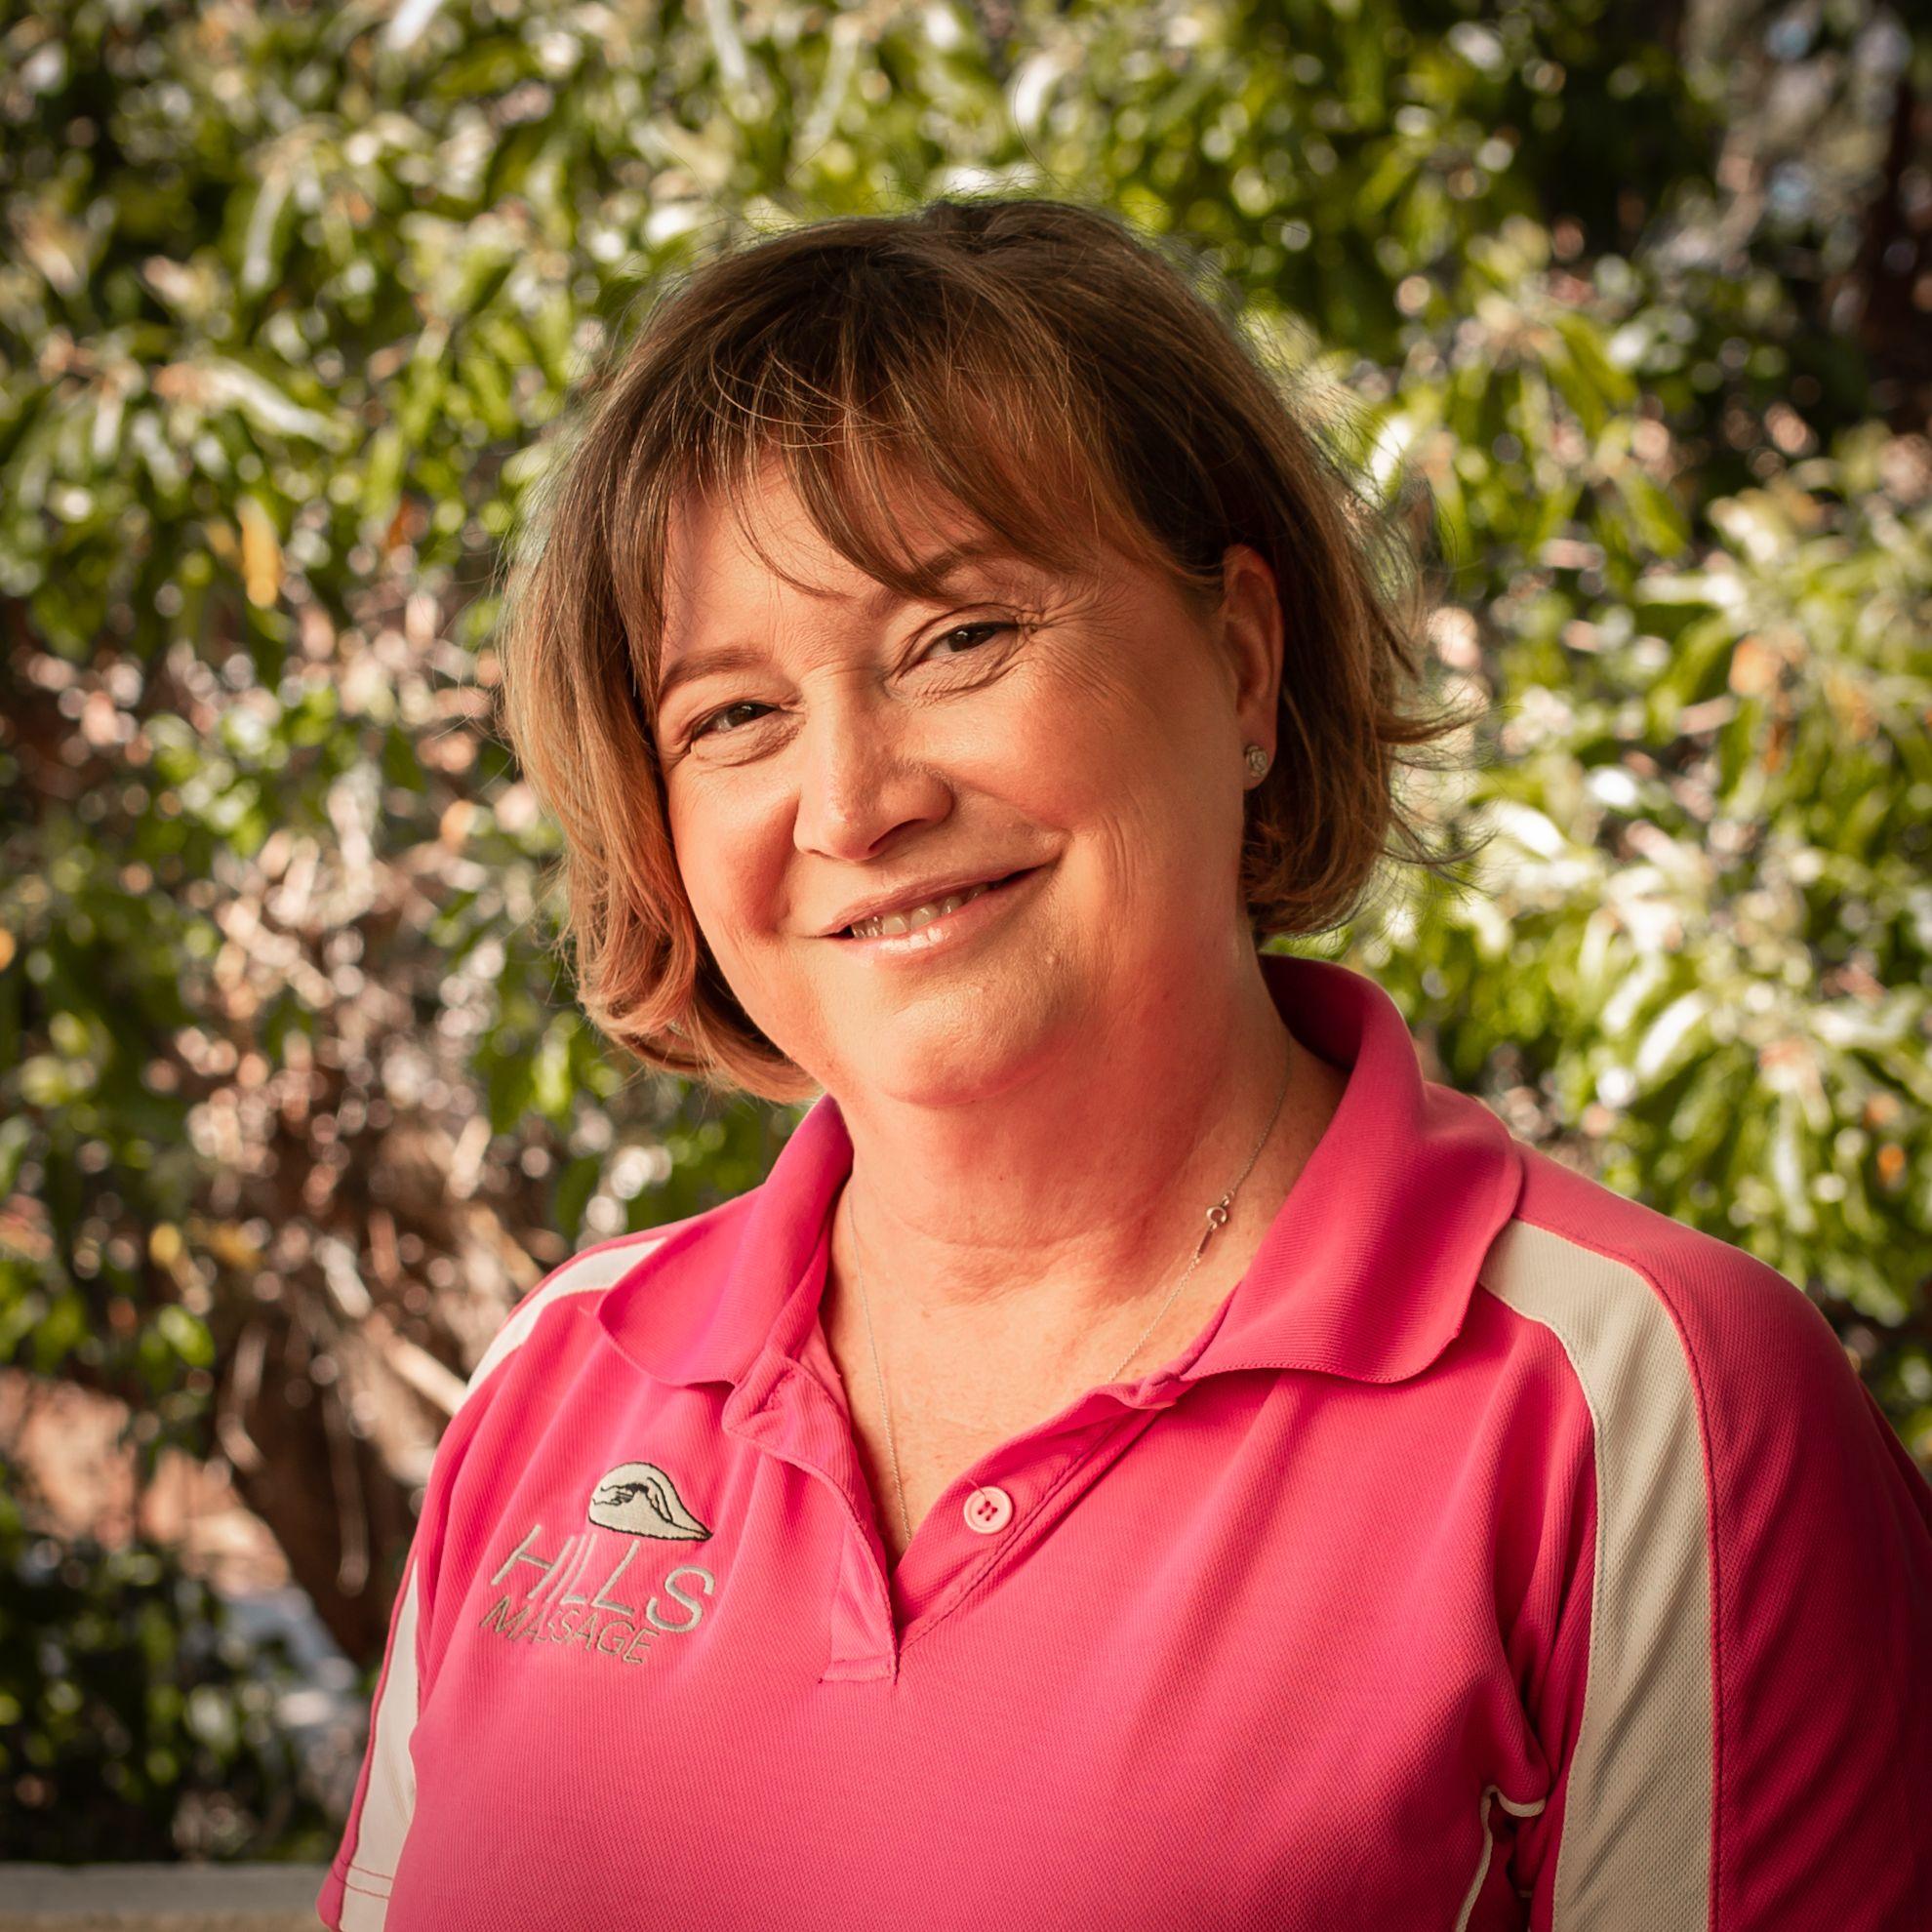 Michelle Rimmer, owner of Hills Massage in Western Australia